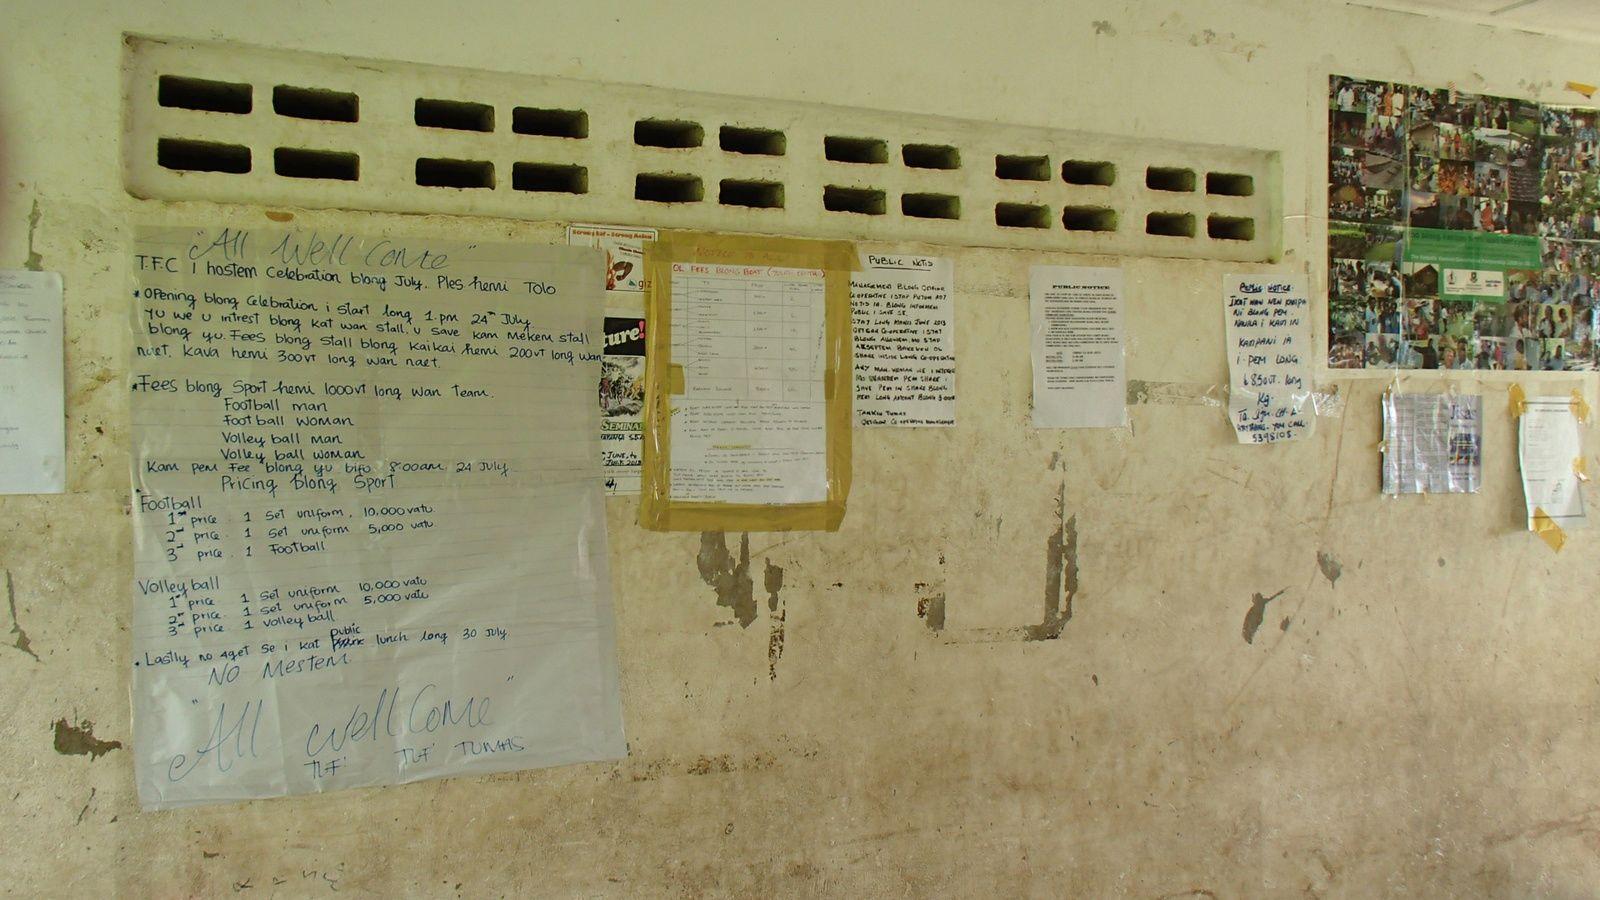 VANUATU : Anecdotes d'un voyage en avion mouvementé !